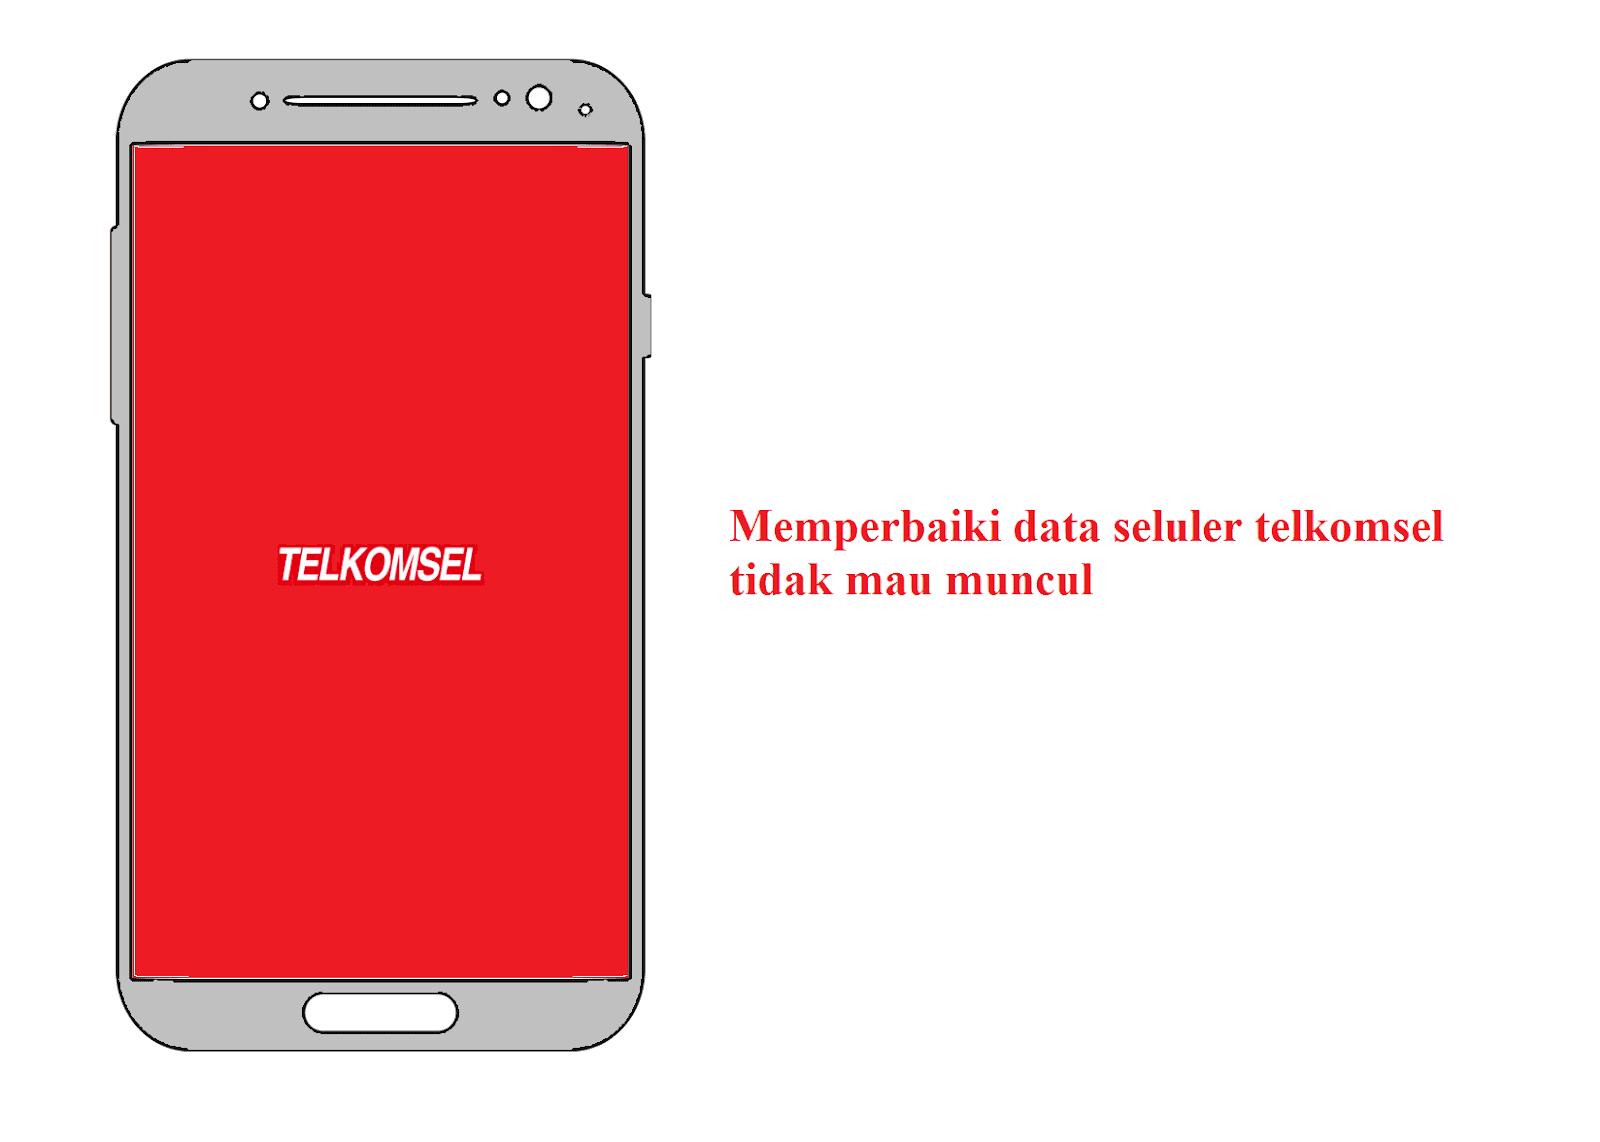 Data seluler telkomsel tidak aktif